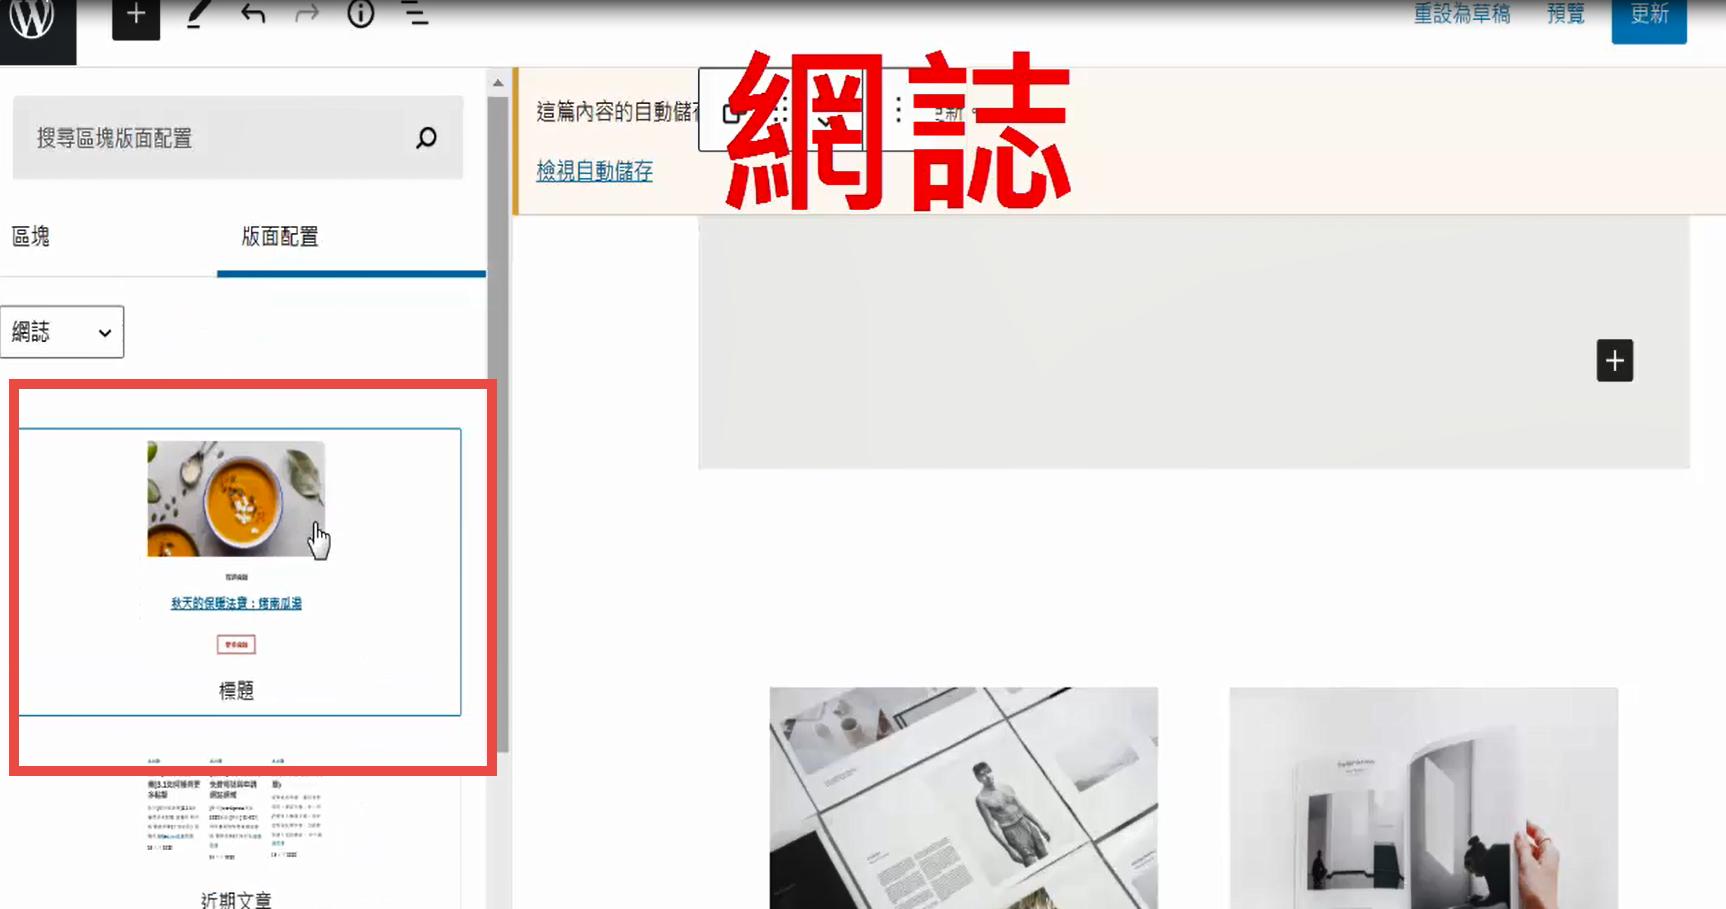 3.17網頁的版面配置